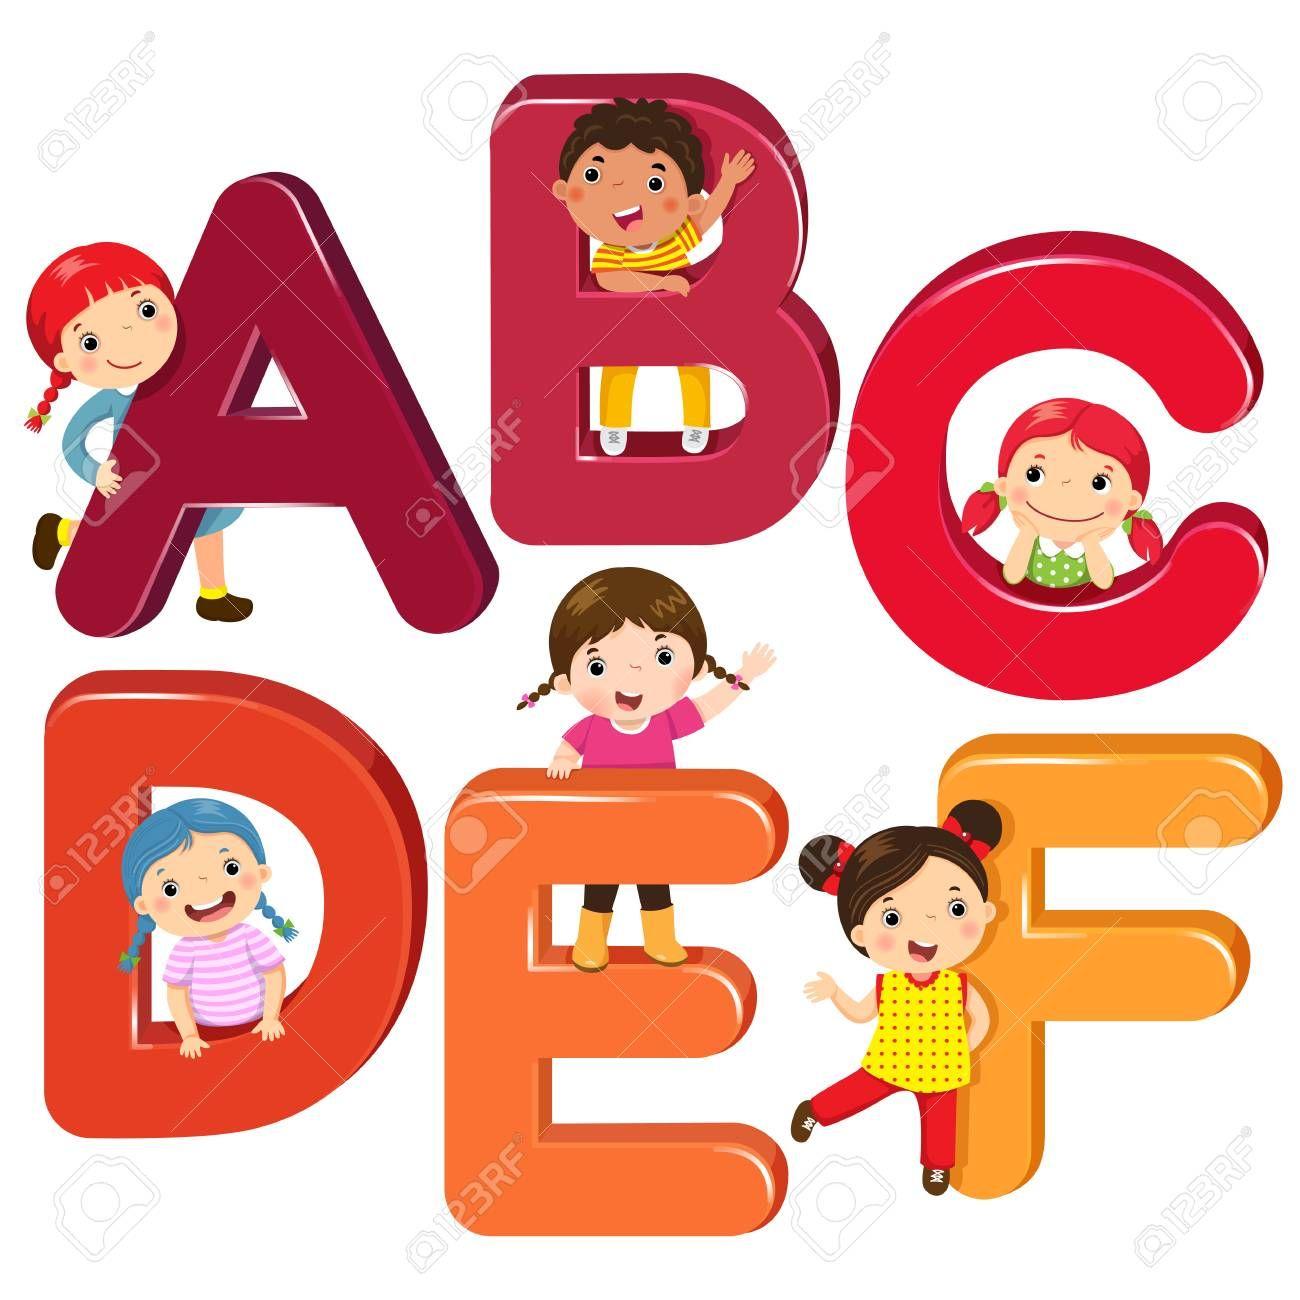 Ninos De Dibujos Animados Con Letras Abcdef Ilustraciones Vectoriales Clip Art Vectorizado Lib Caricaturas De Ninos Ninos Dibujos Animados Abecedario Infantil